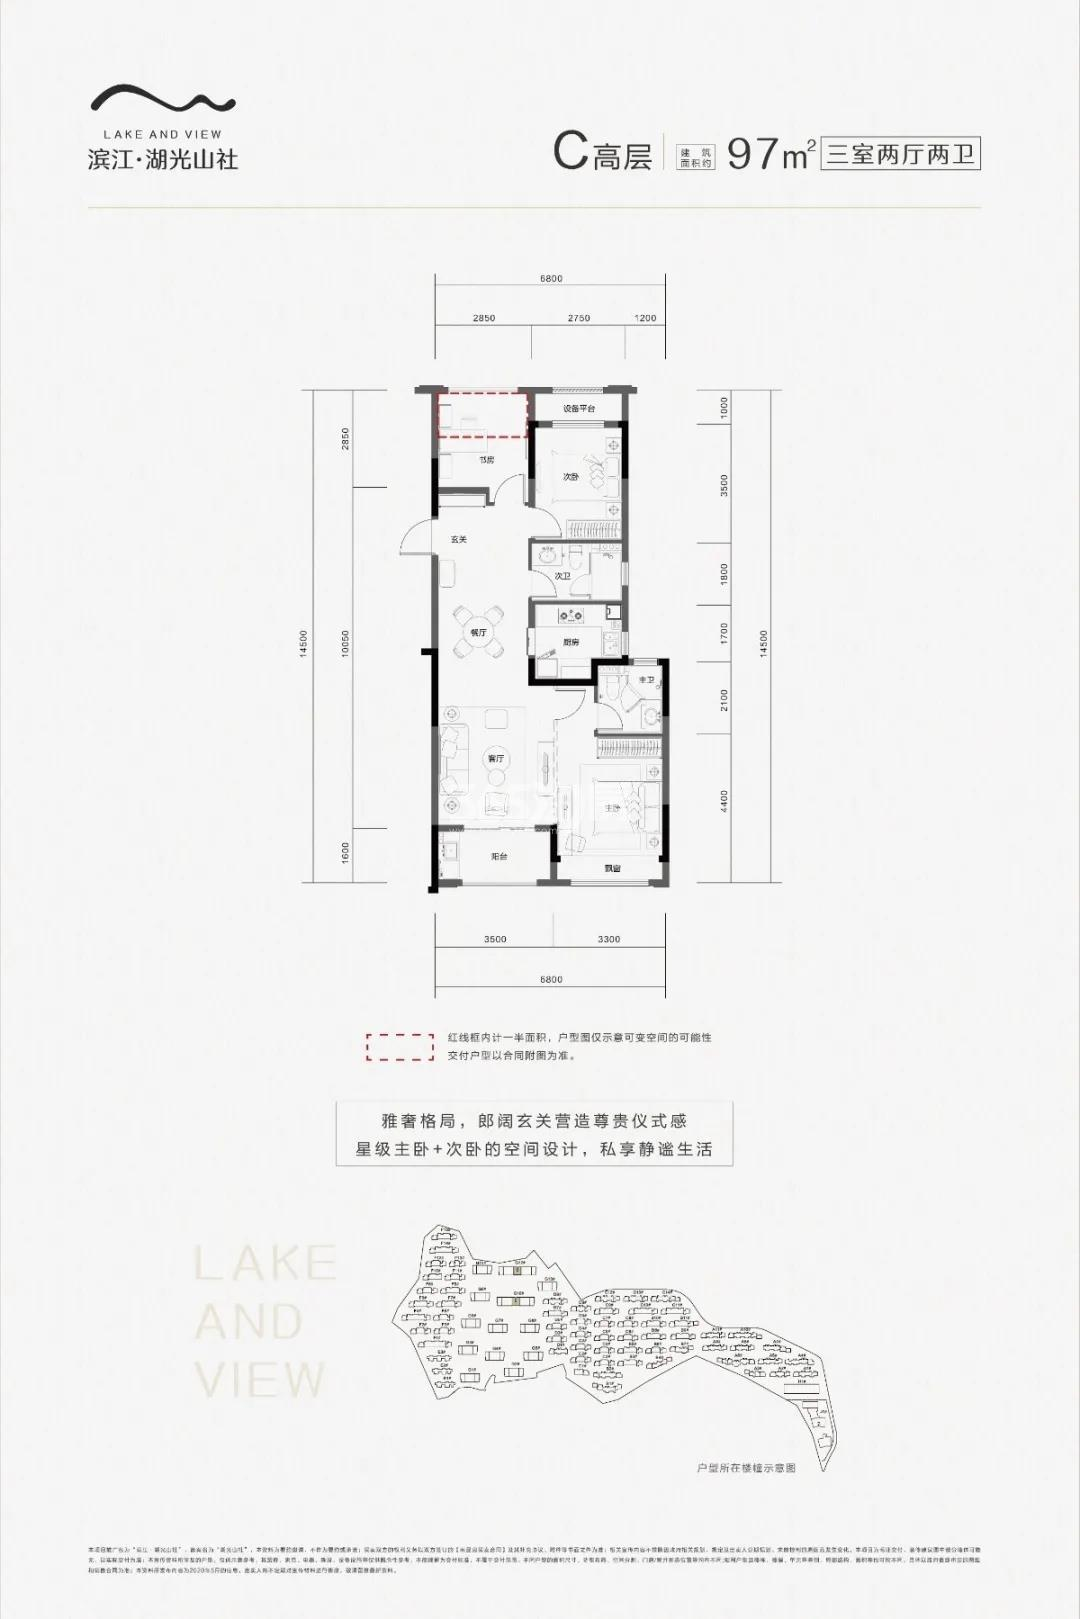 滨江湖光山社B户型建面约97㎡(小高层夹中间套)